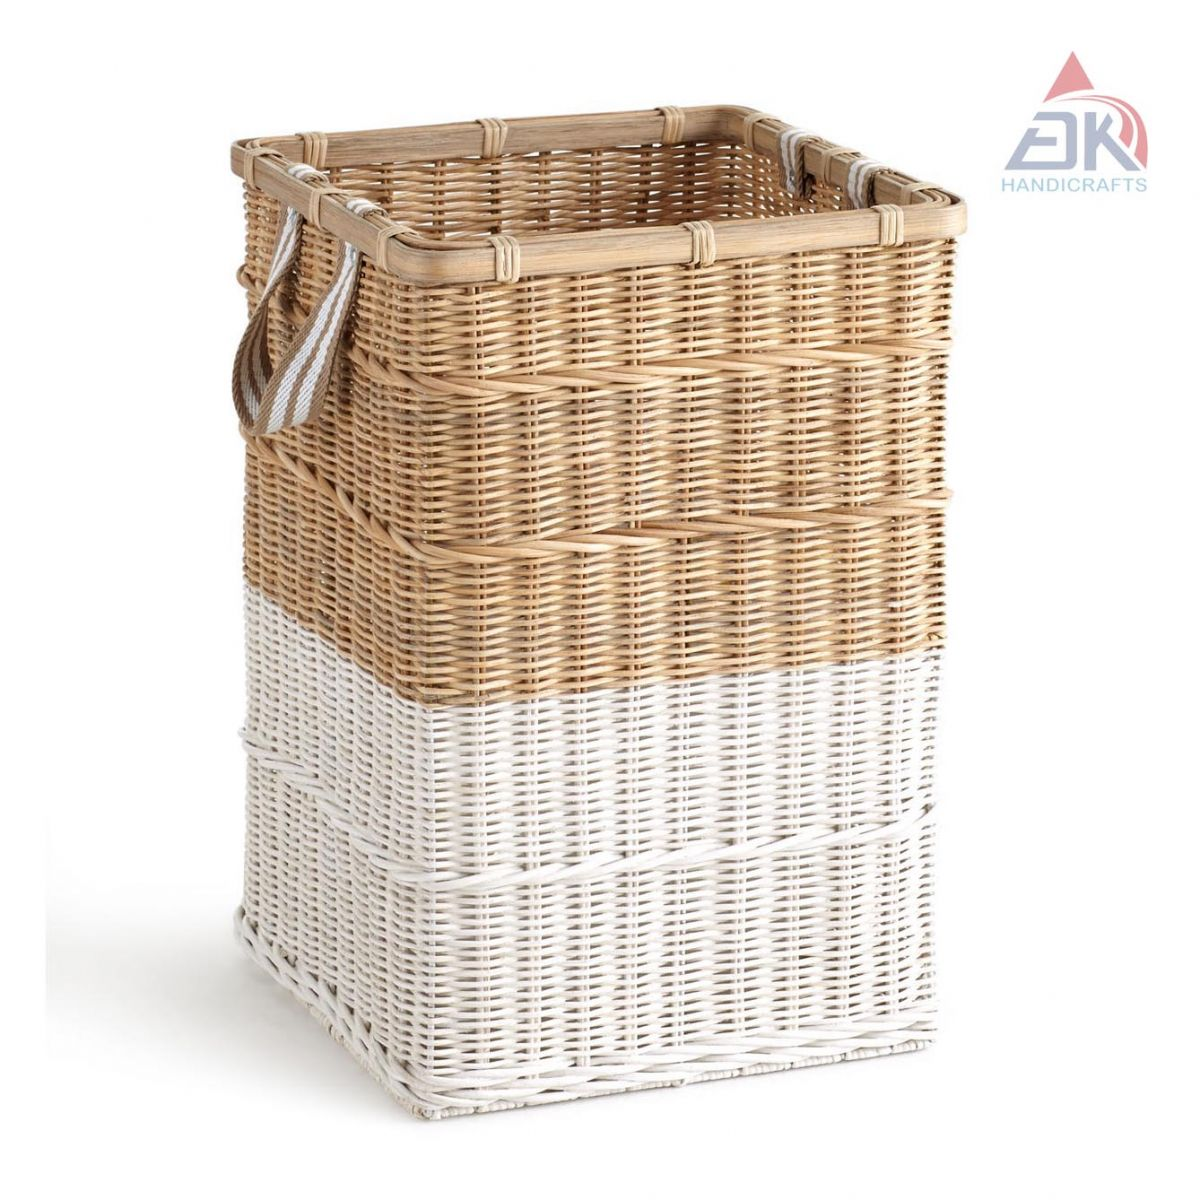 Storage Basket # DK435